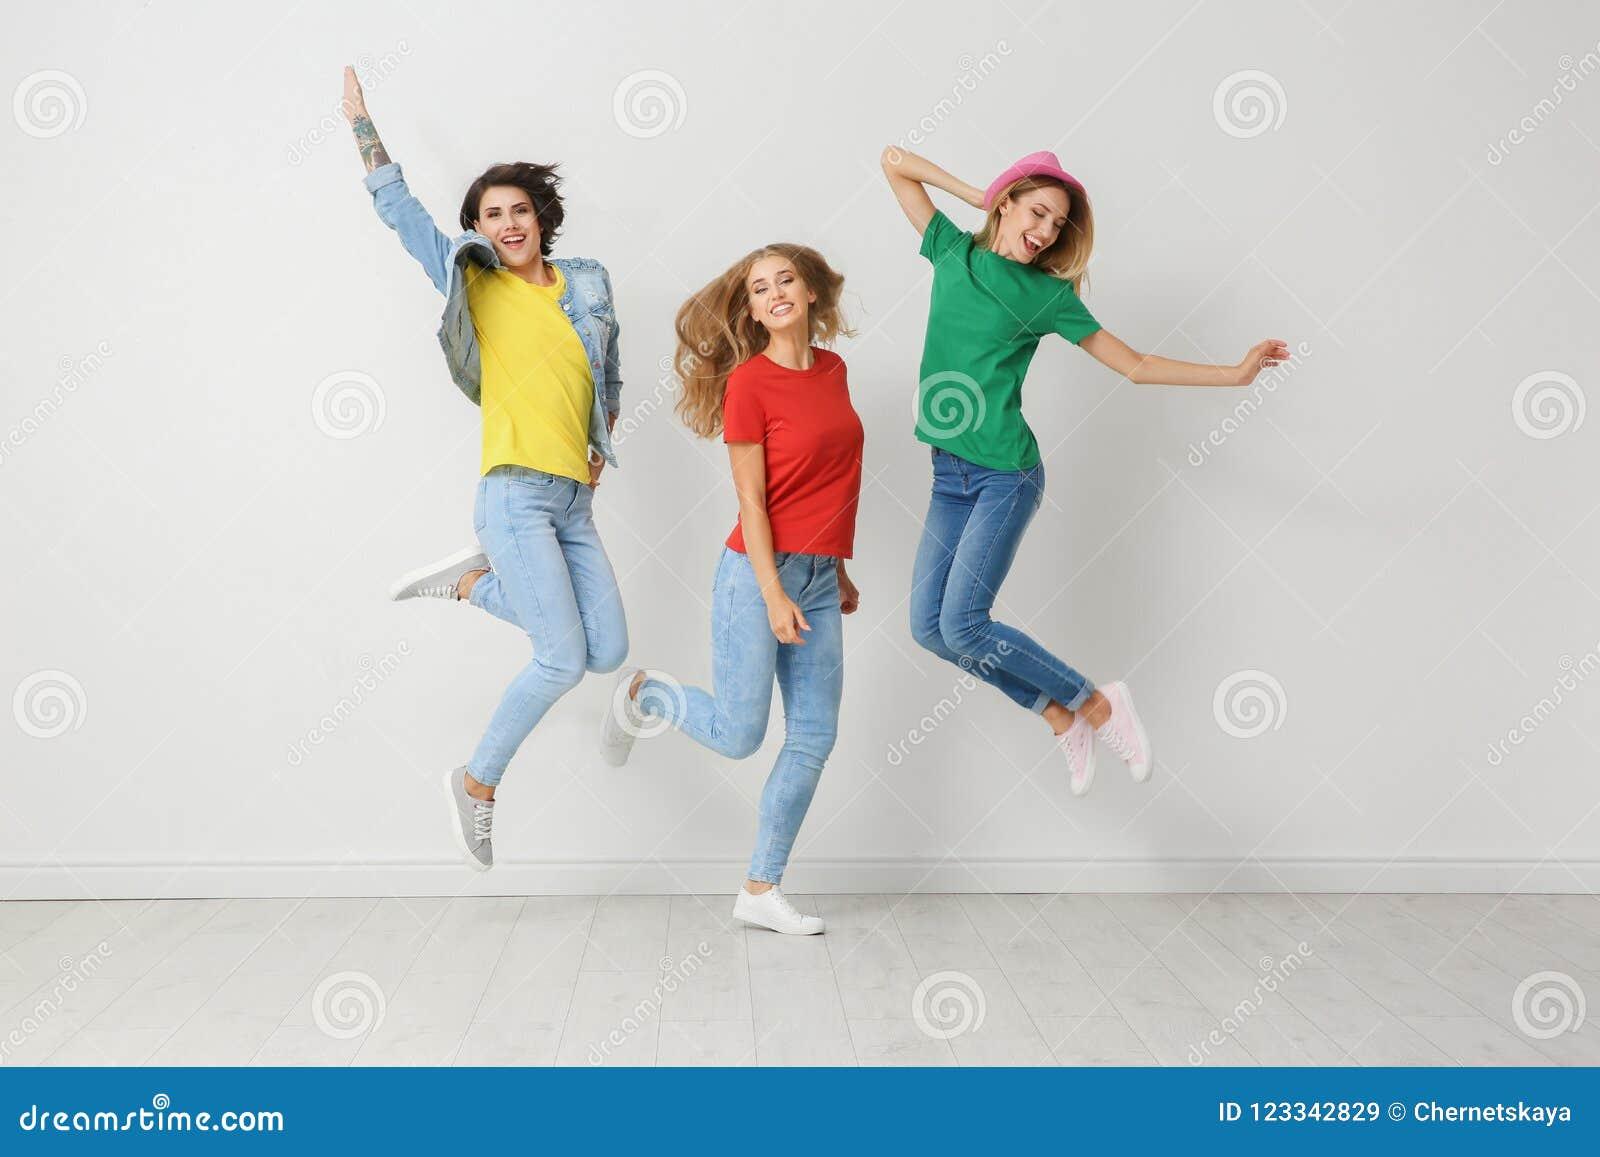 Gruppo di giovani donne in jeans e magliette variopinte